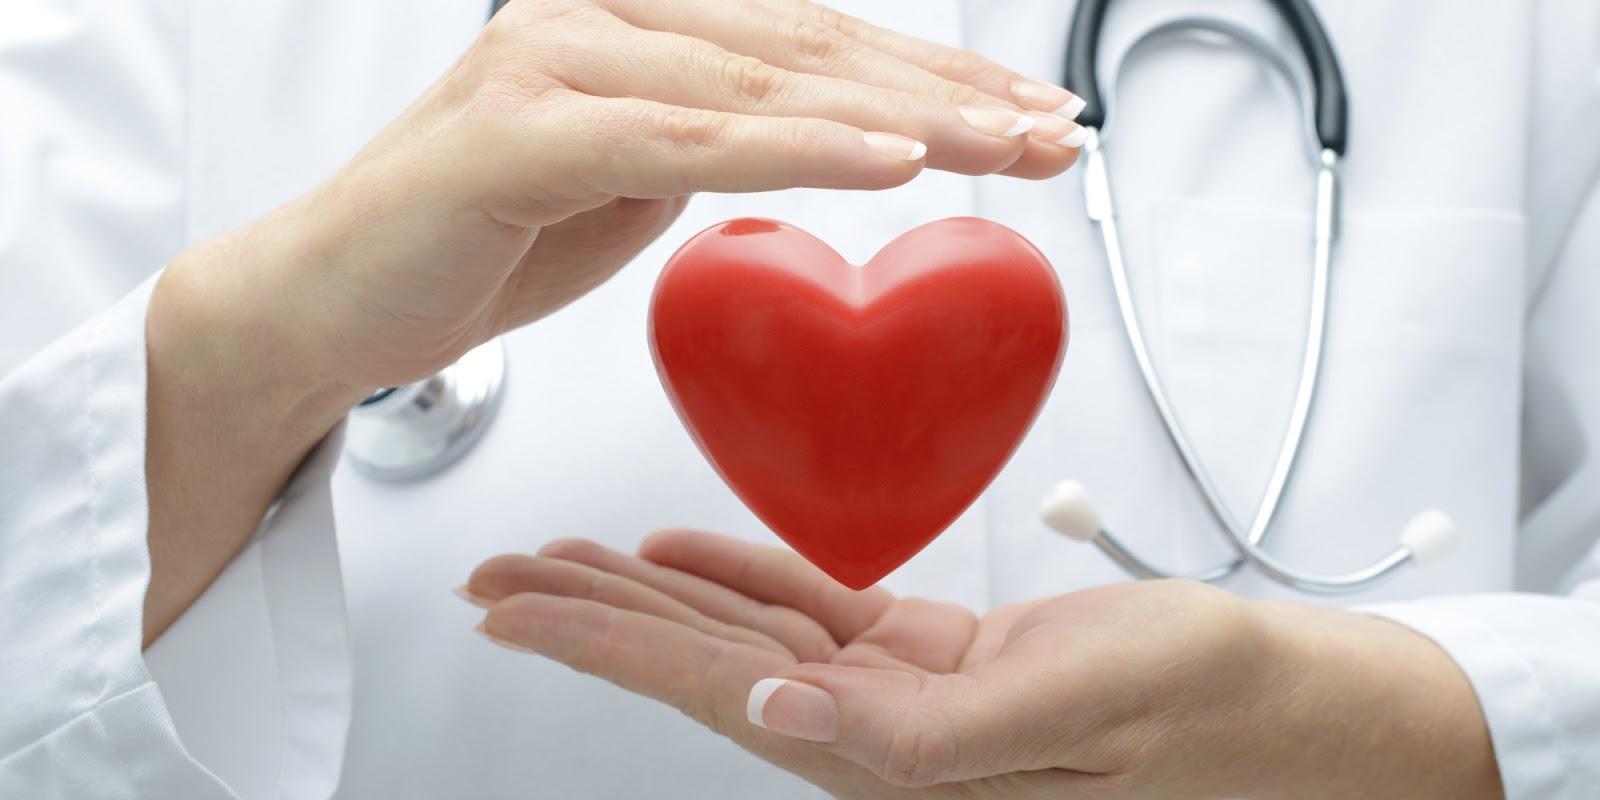 8-Tips-Cara-Menjaga-Kesehatan-Hati-Anda-Secara-Alami